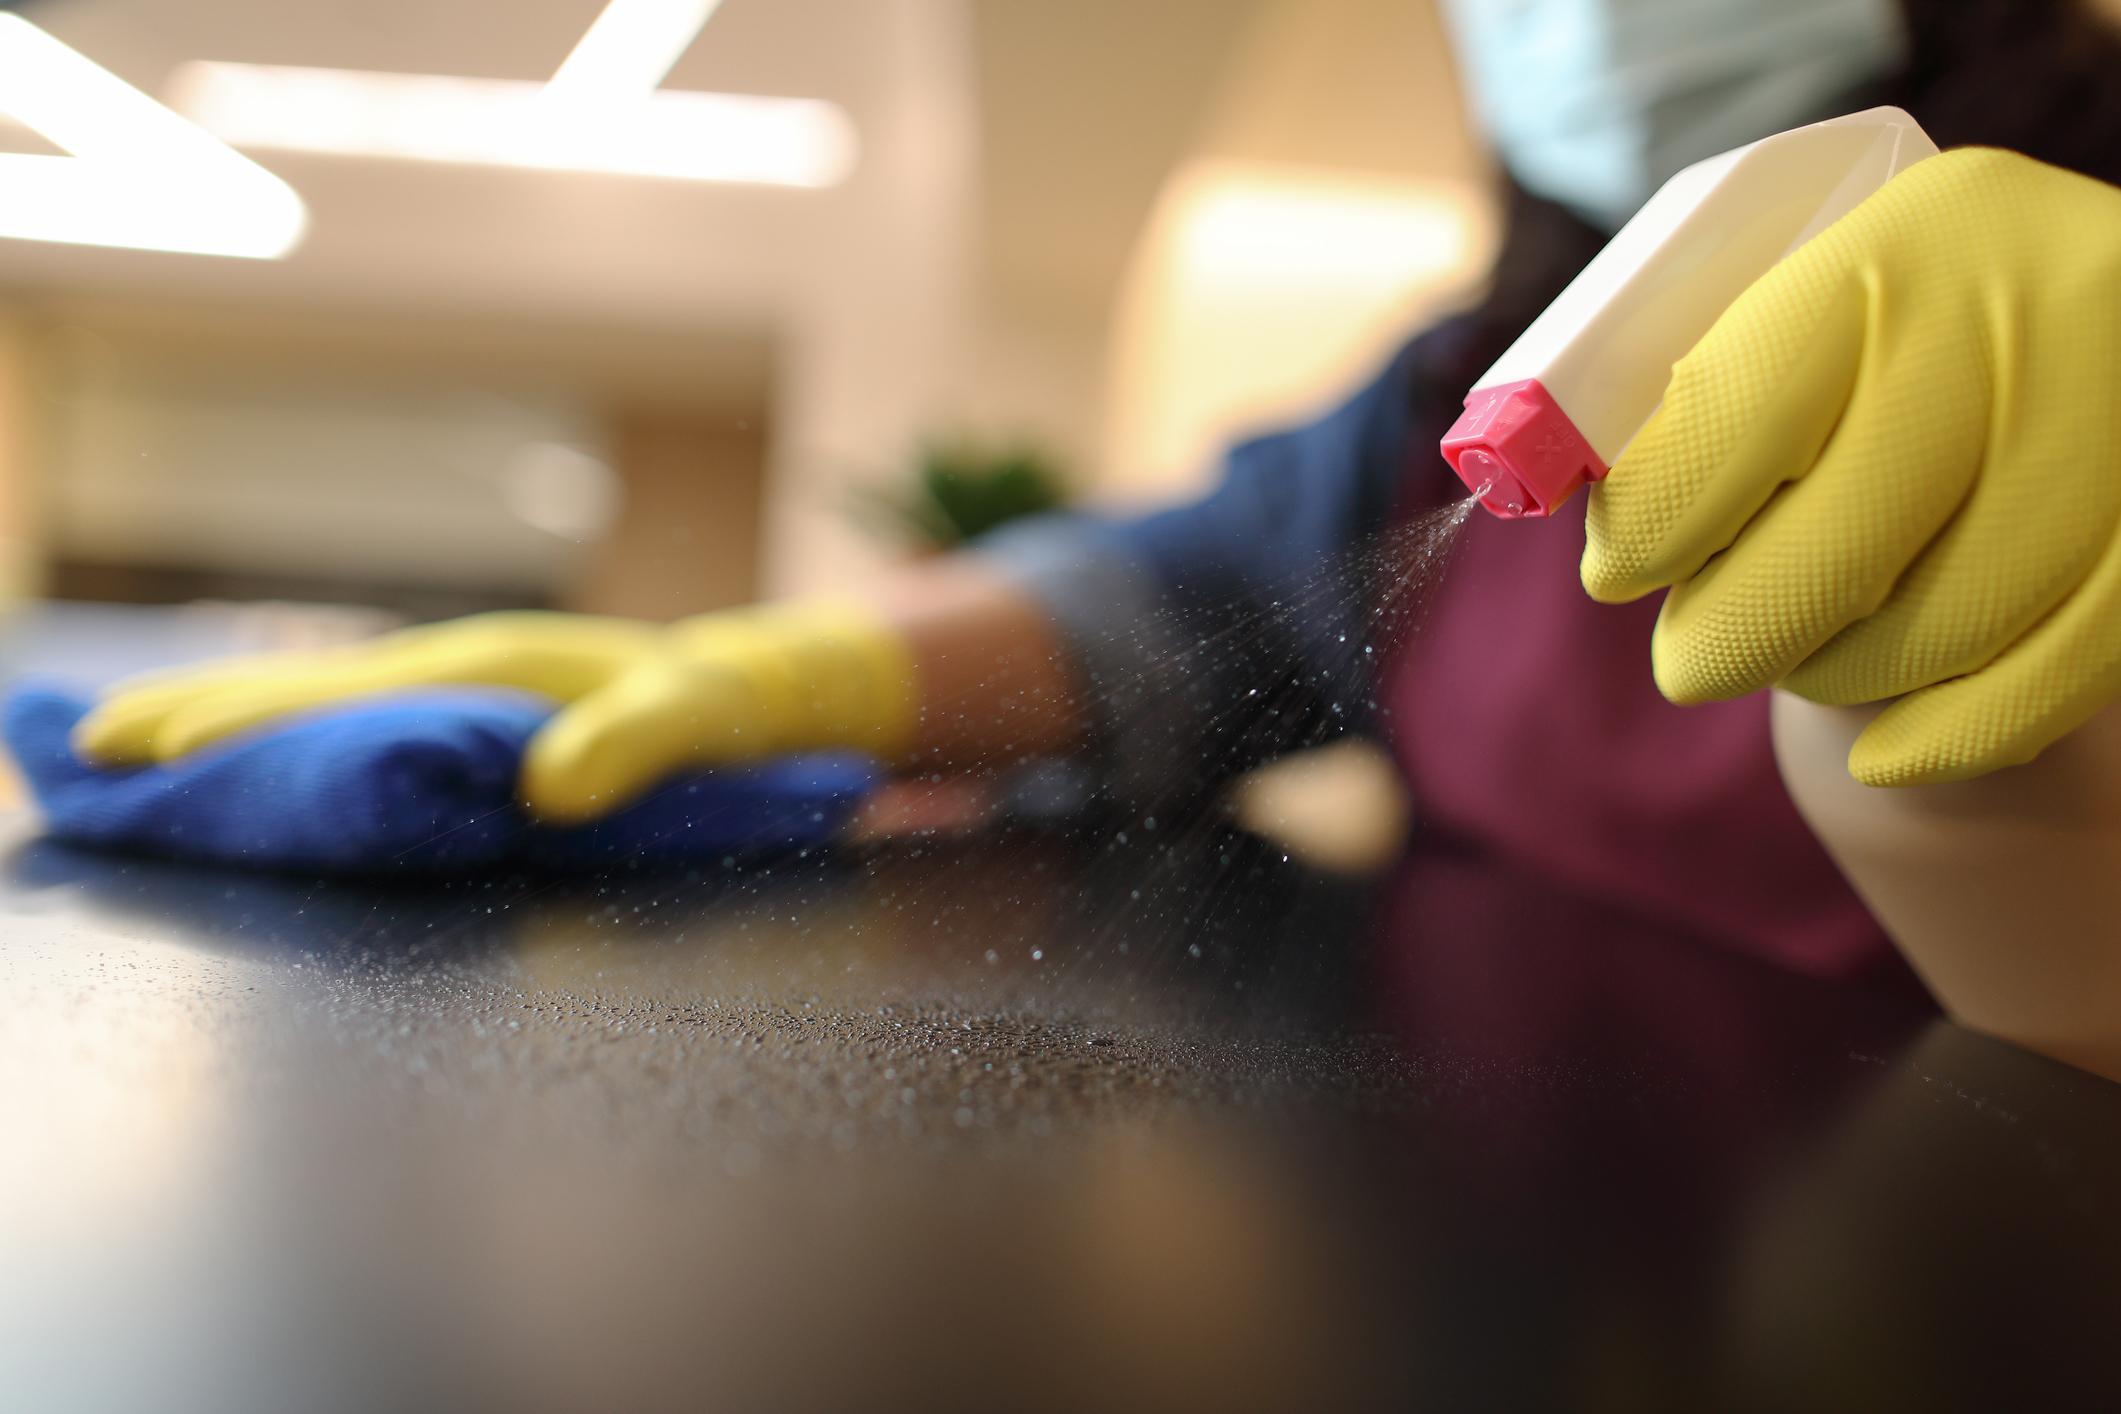 Preparaty i akcesoria stosowane w pracach porządkowych